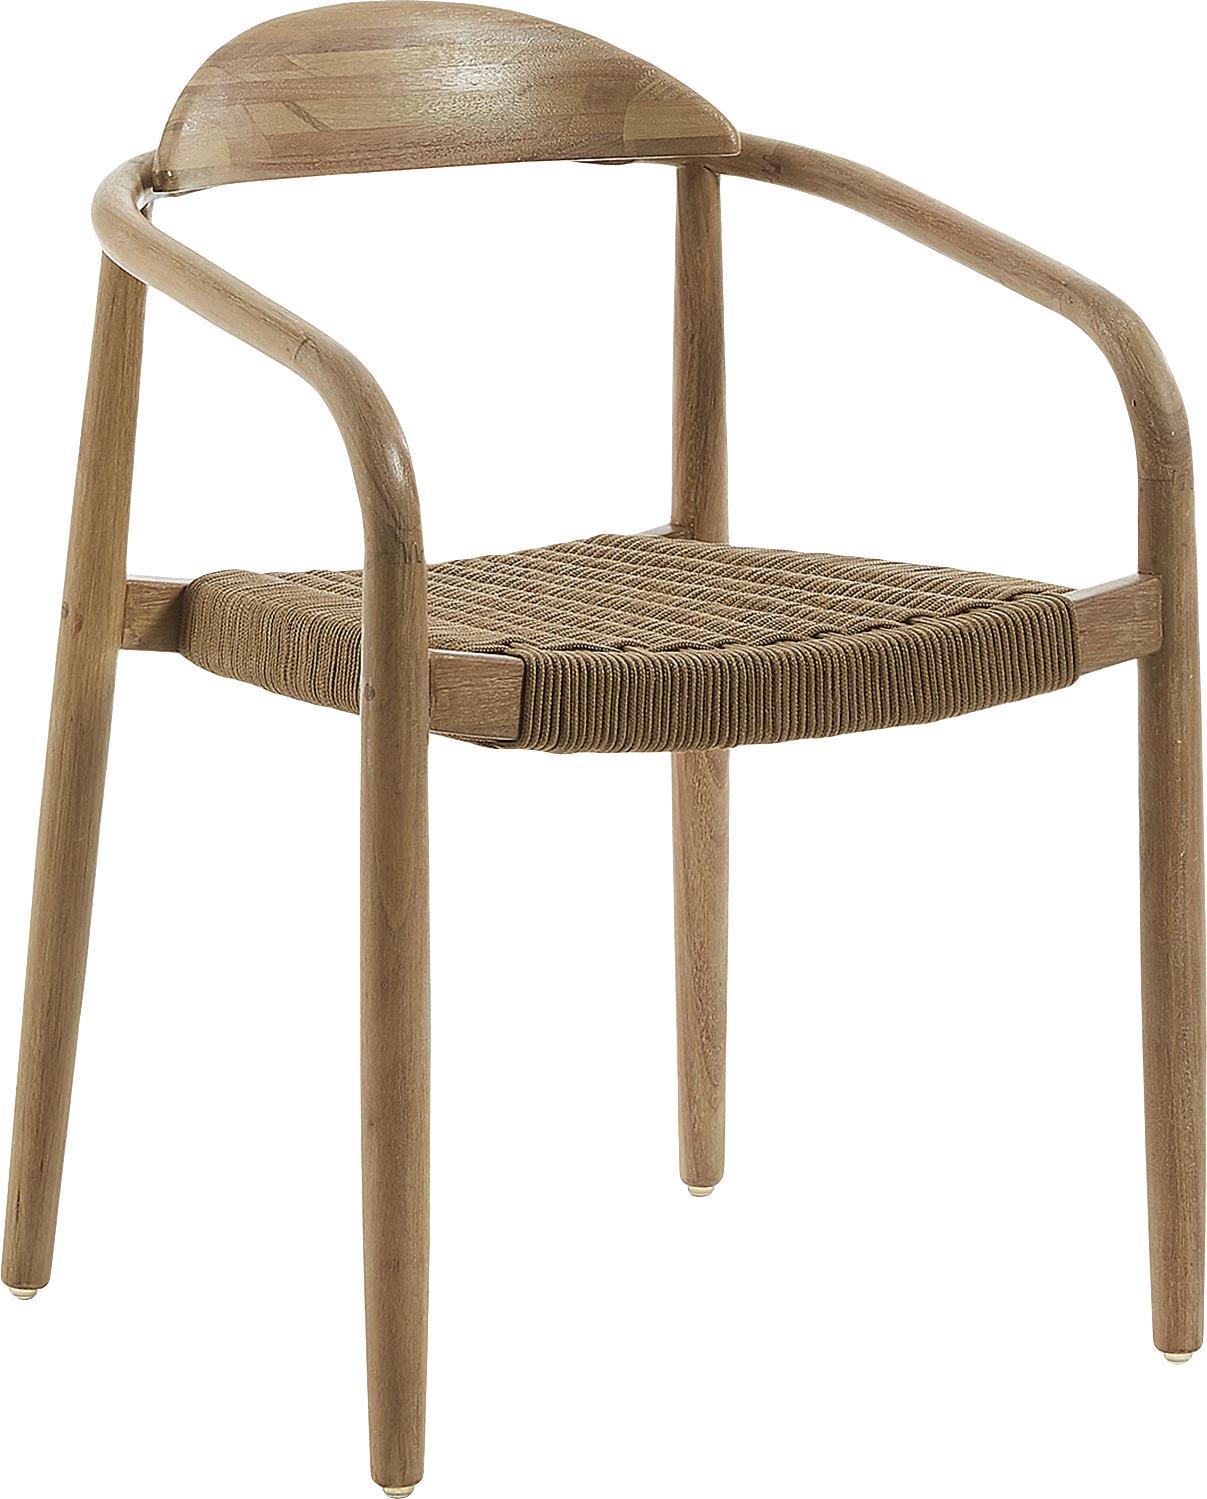 Krzesło z litego drewna z podłokietnikami Nina, Stelaż: lite drewno eukaliptusowe, Brązowy, S 56 x G 53 cm